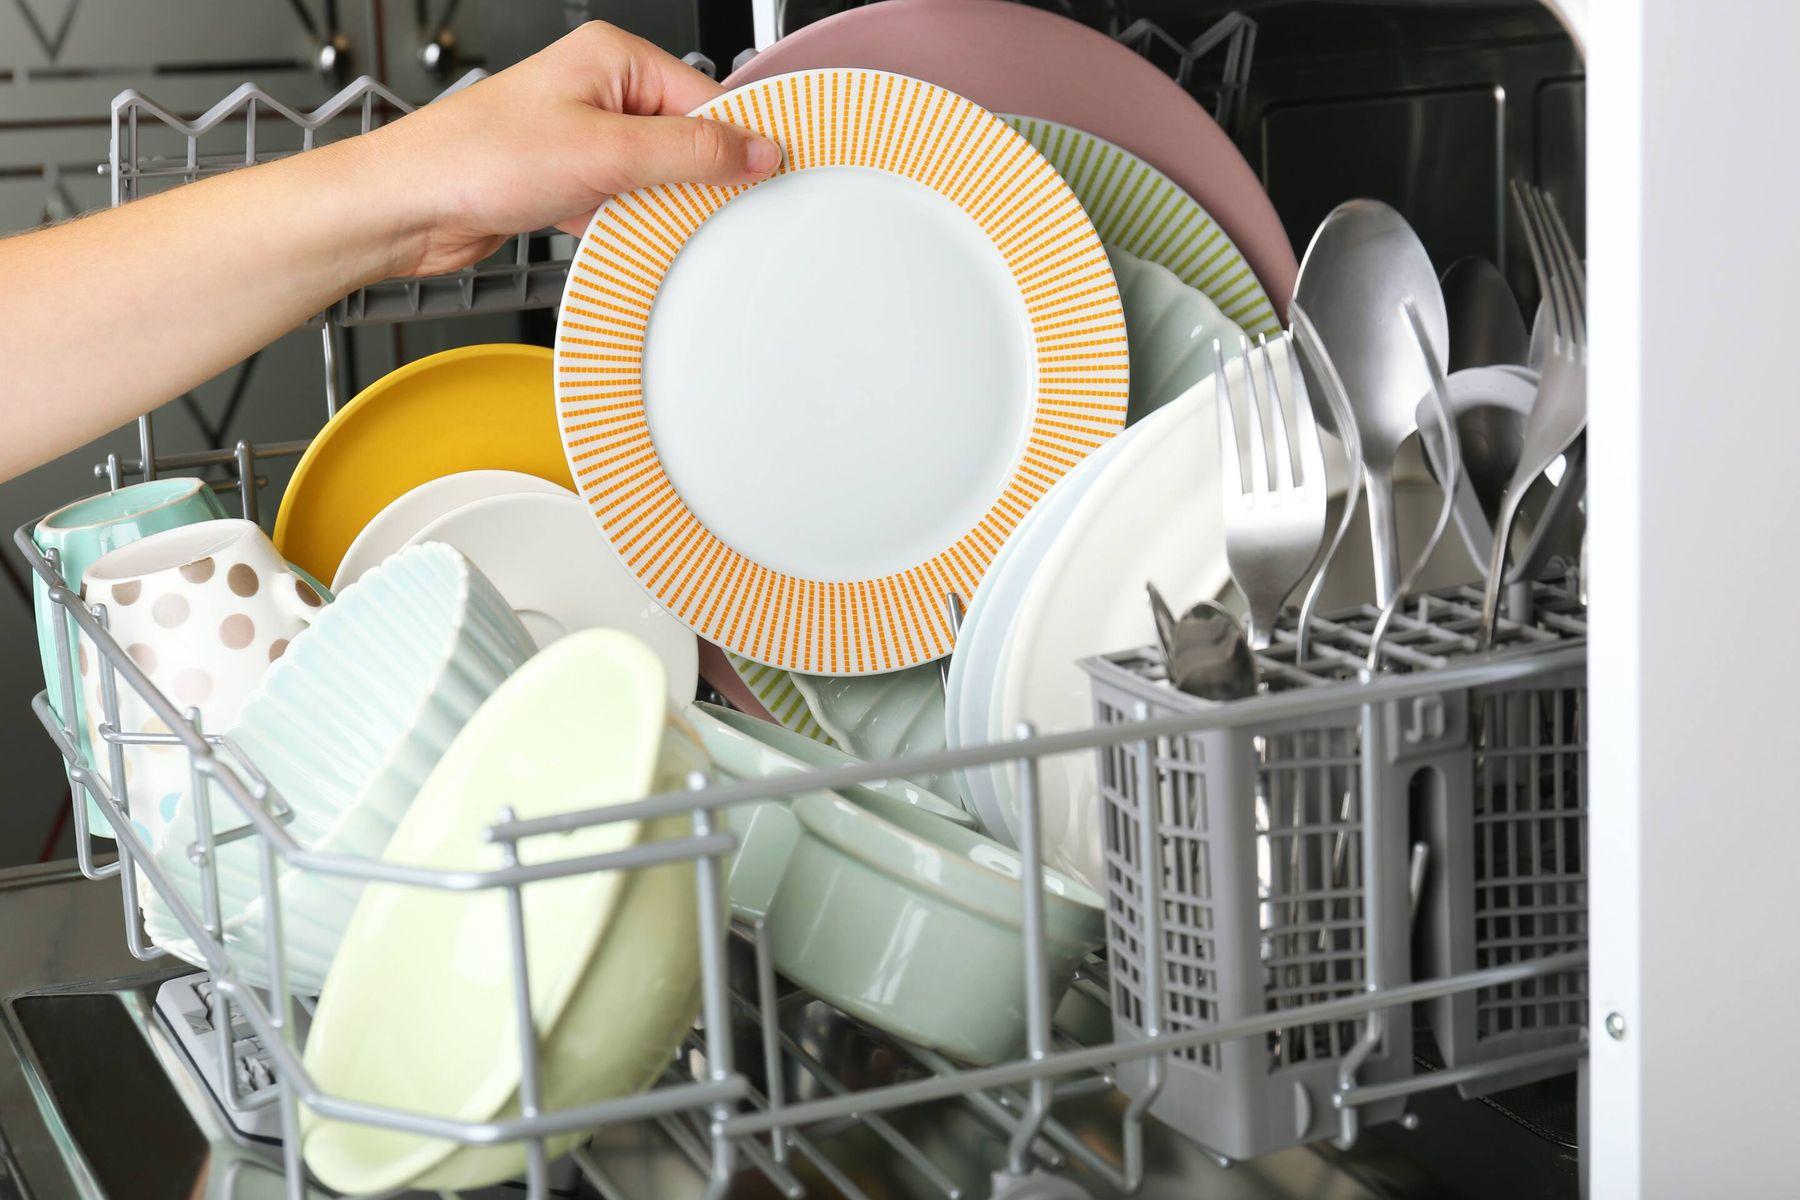 Cleanipedia Review: Nước rửa chén Sunlight Mềm Dịu Hương Bưởi tây & Hoa anh đào